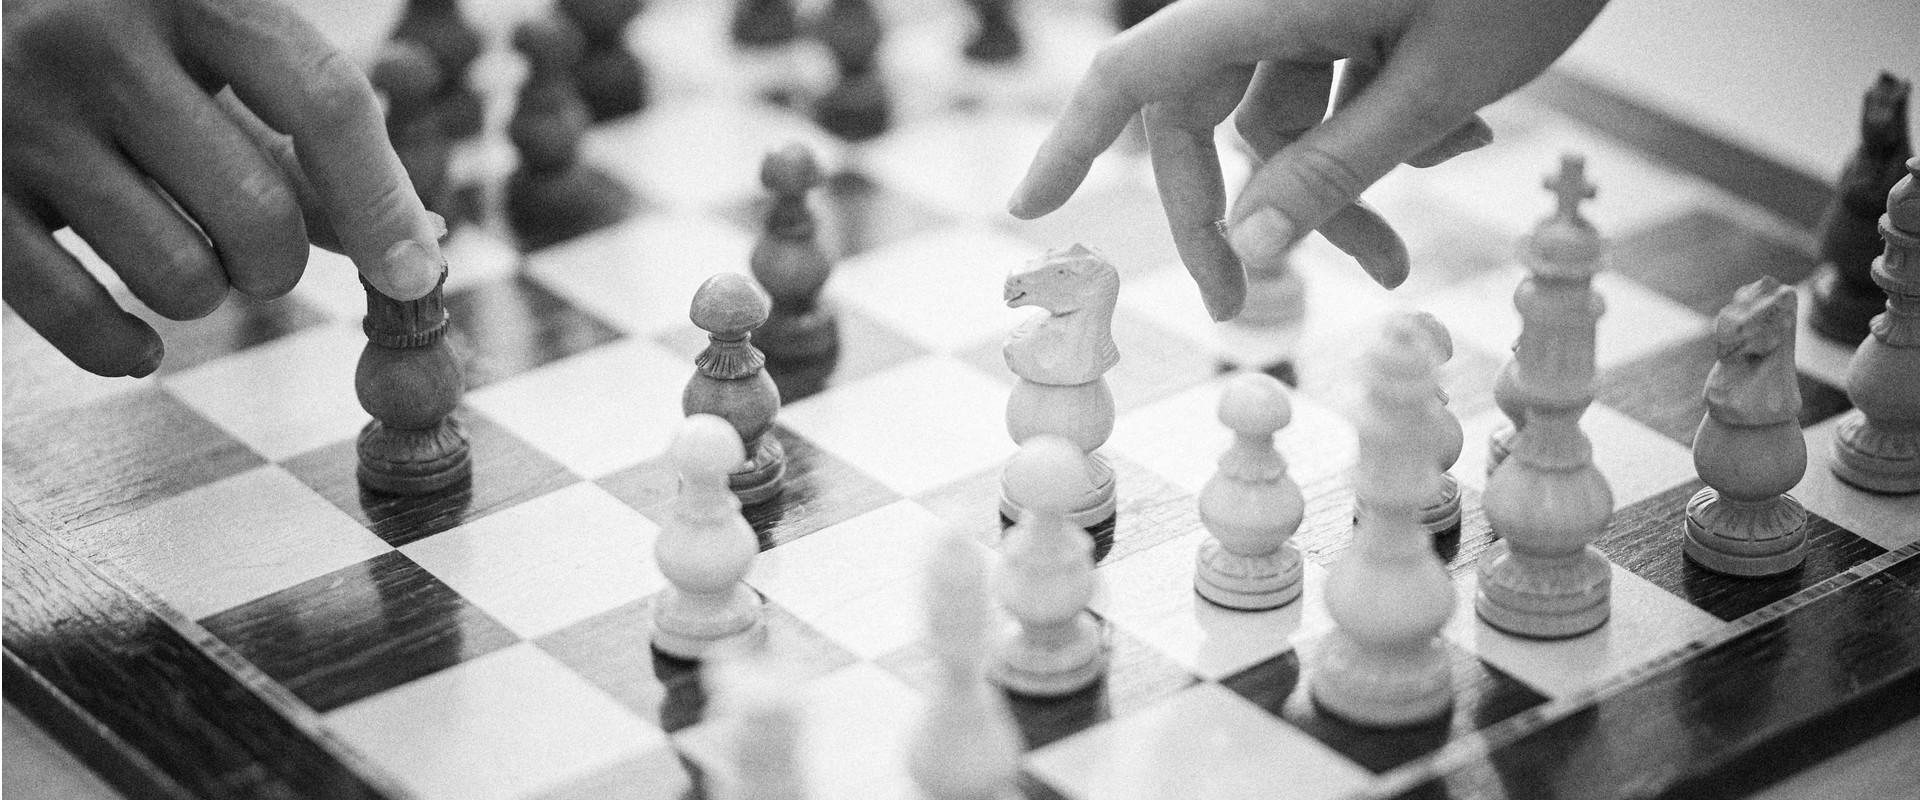 Bild zu den Leistungen Familienrecht, Hände beim Schachspiel